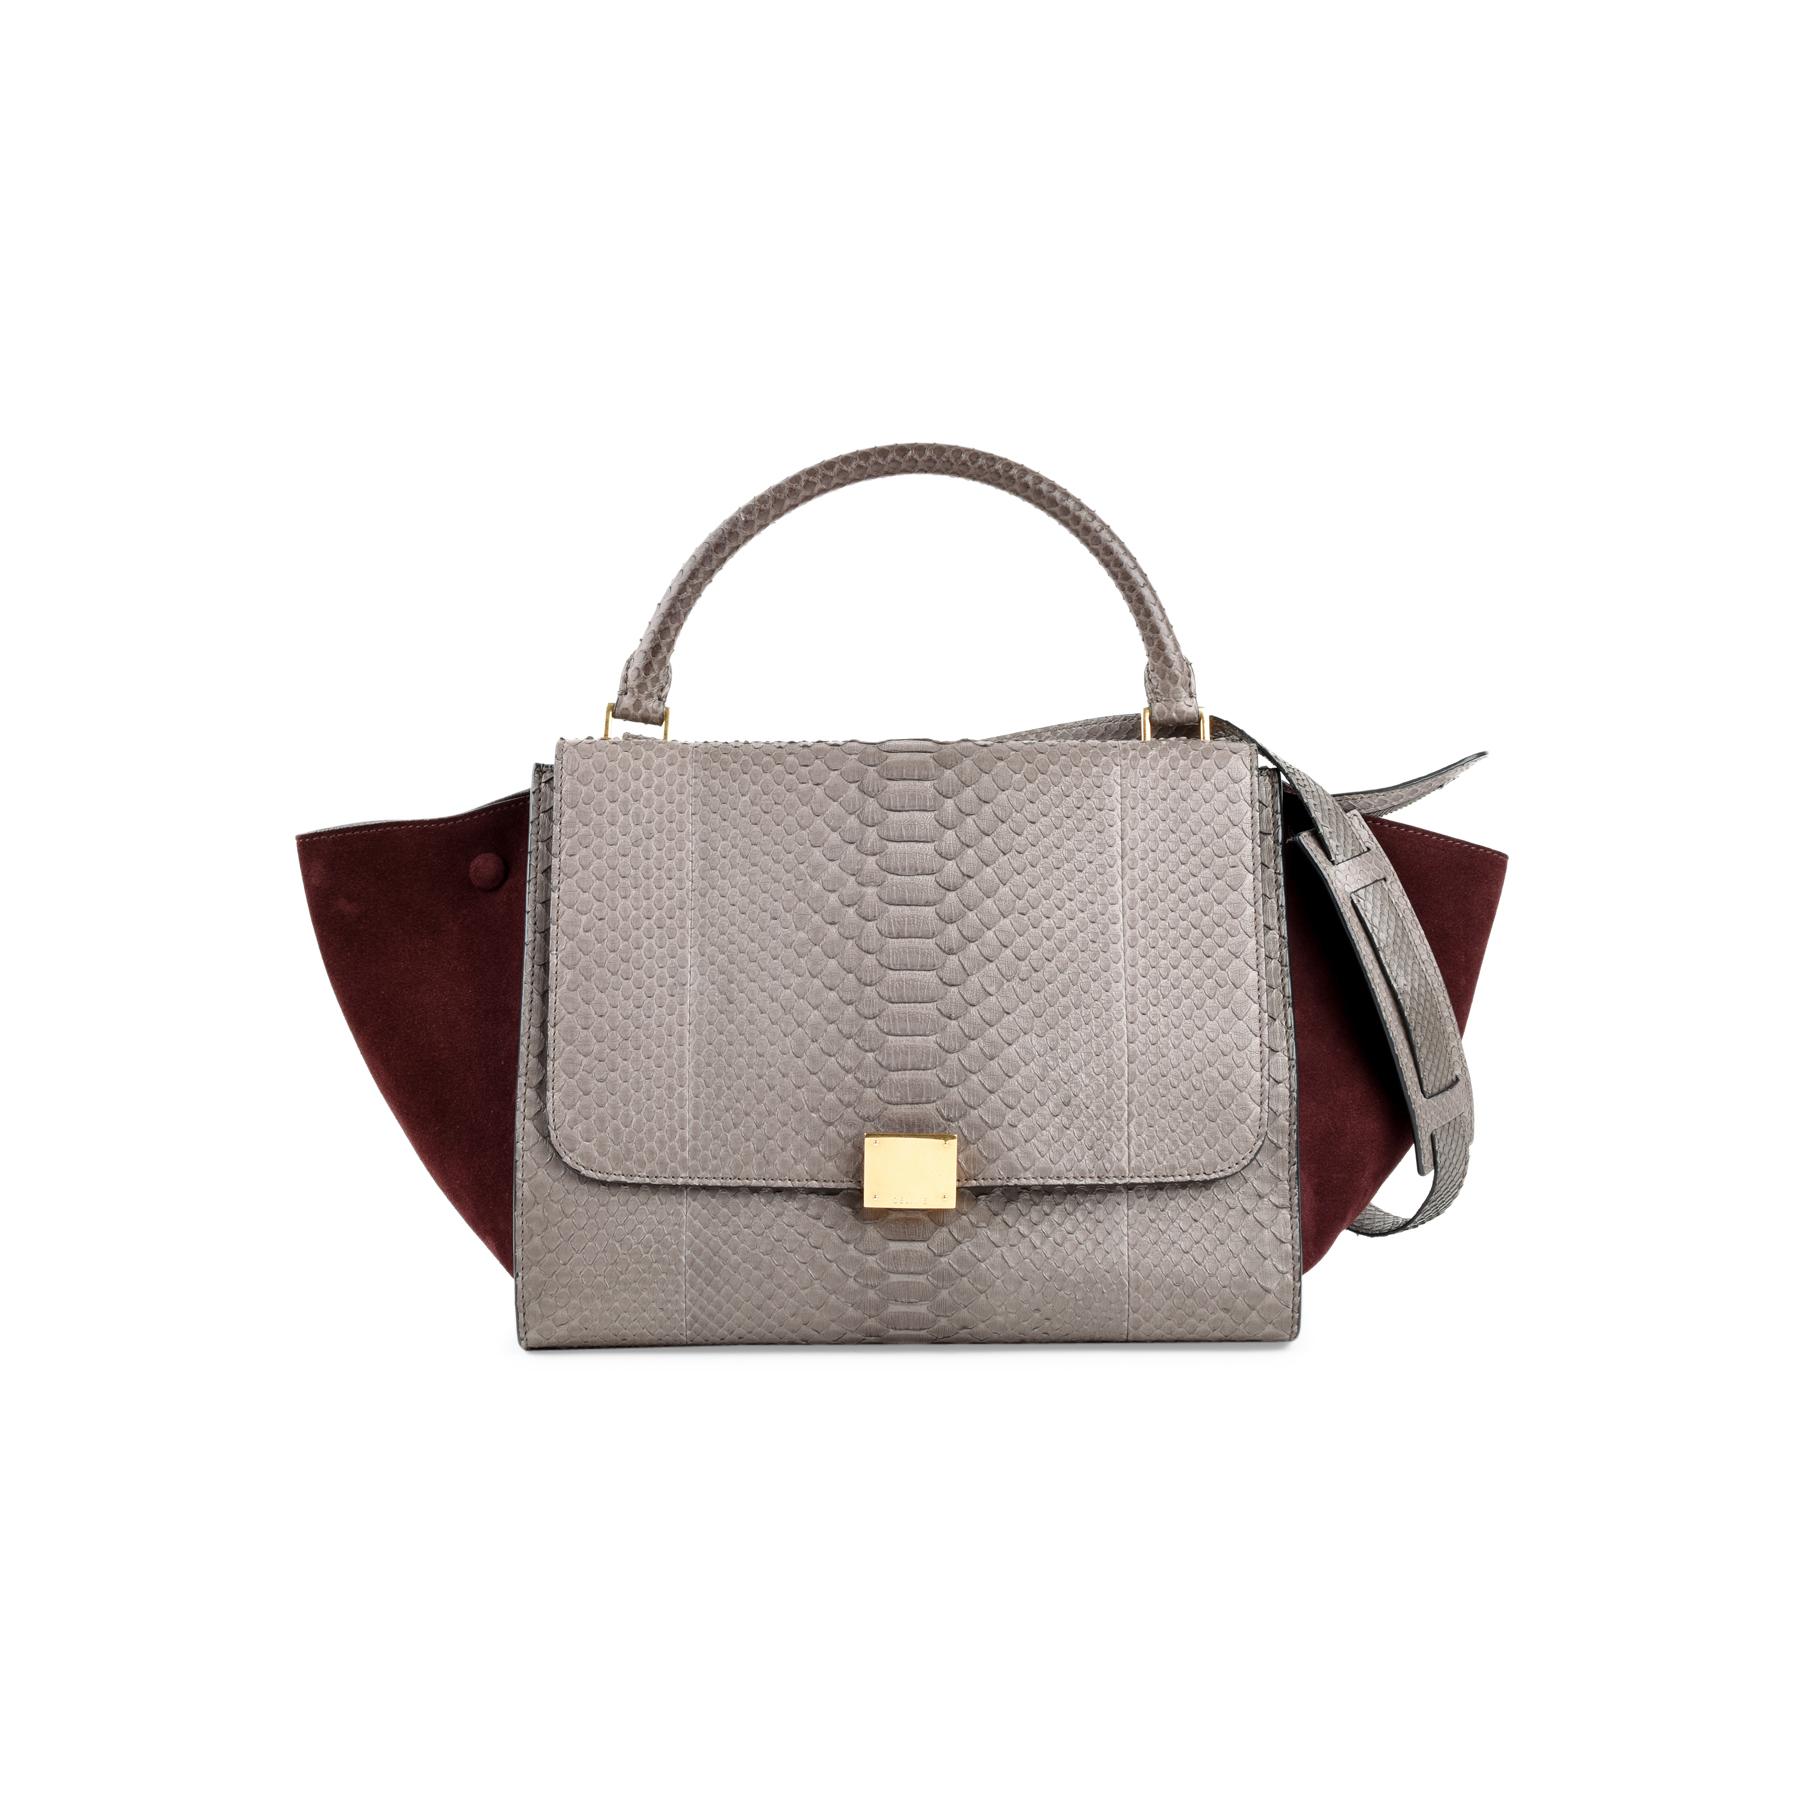 84d586fbaf94 Authentic Second Hand Céline Trapeze Python Bag (PSS-470-00038 ...